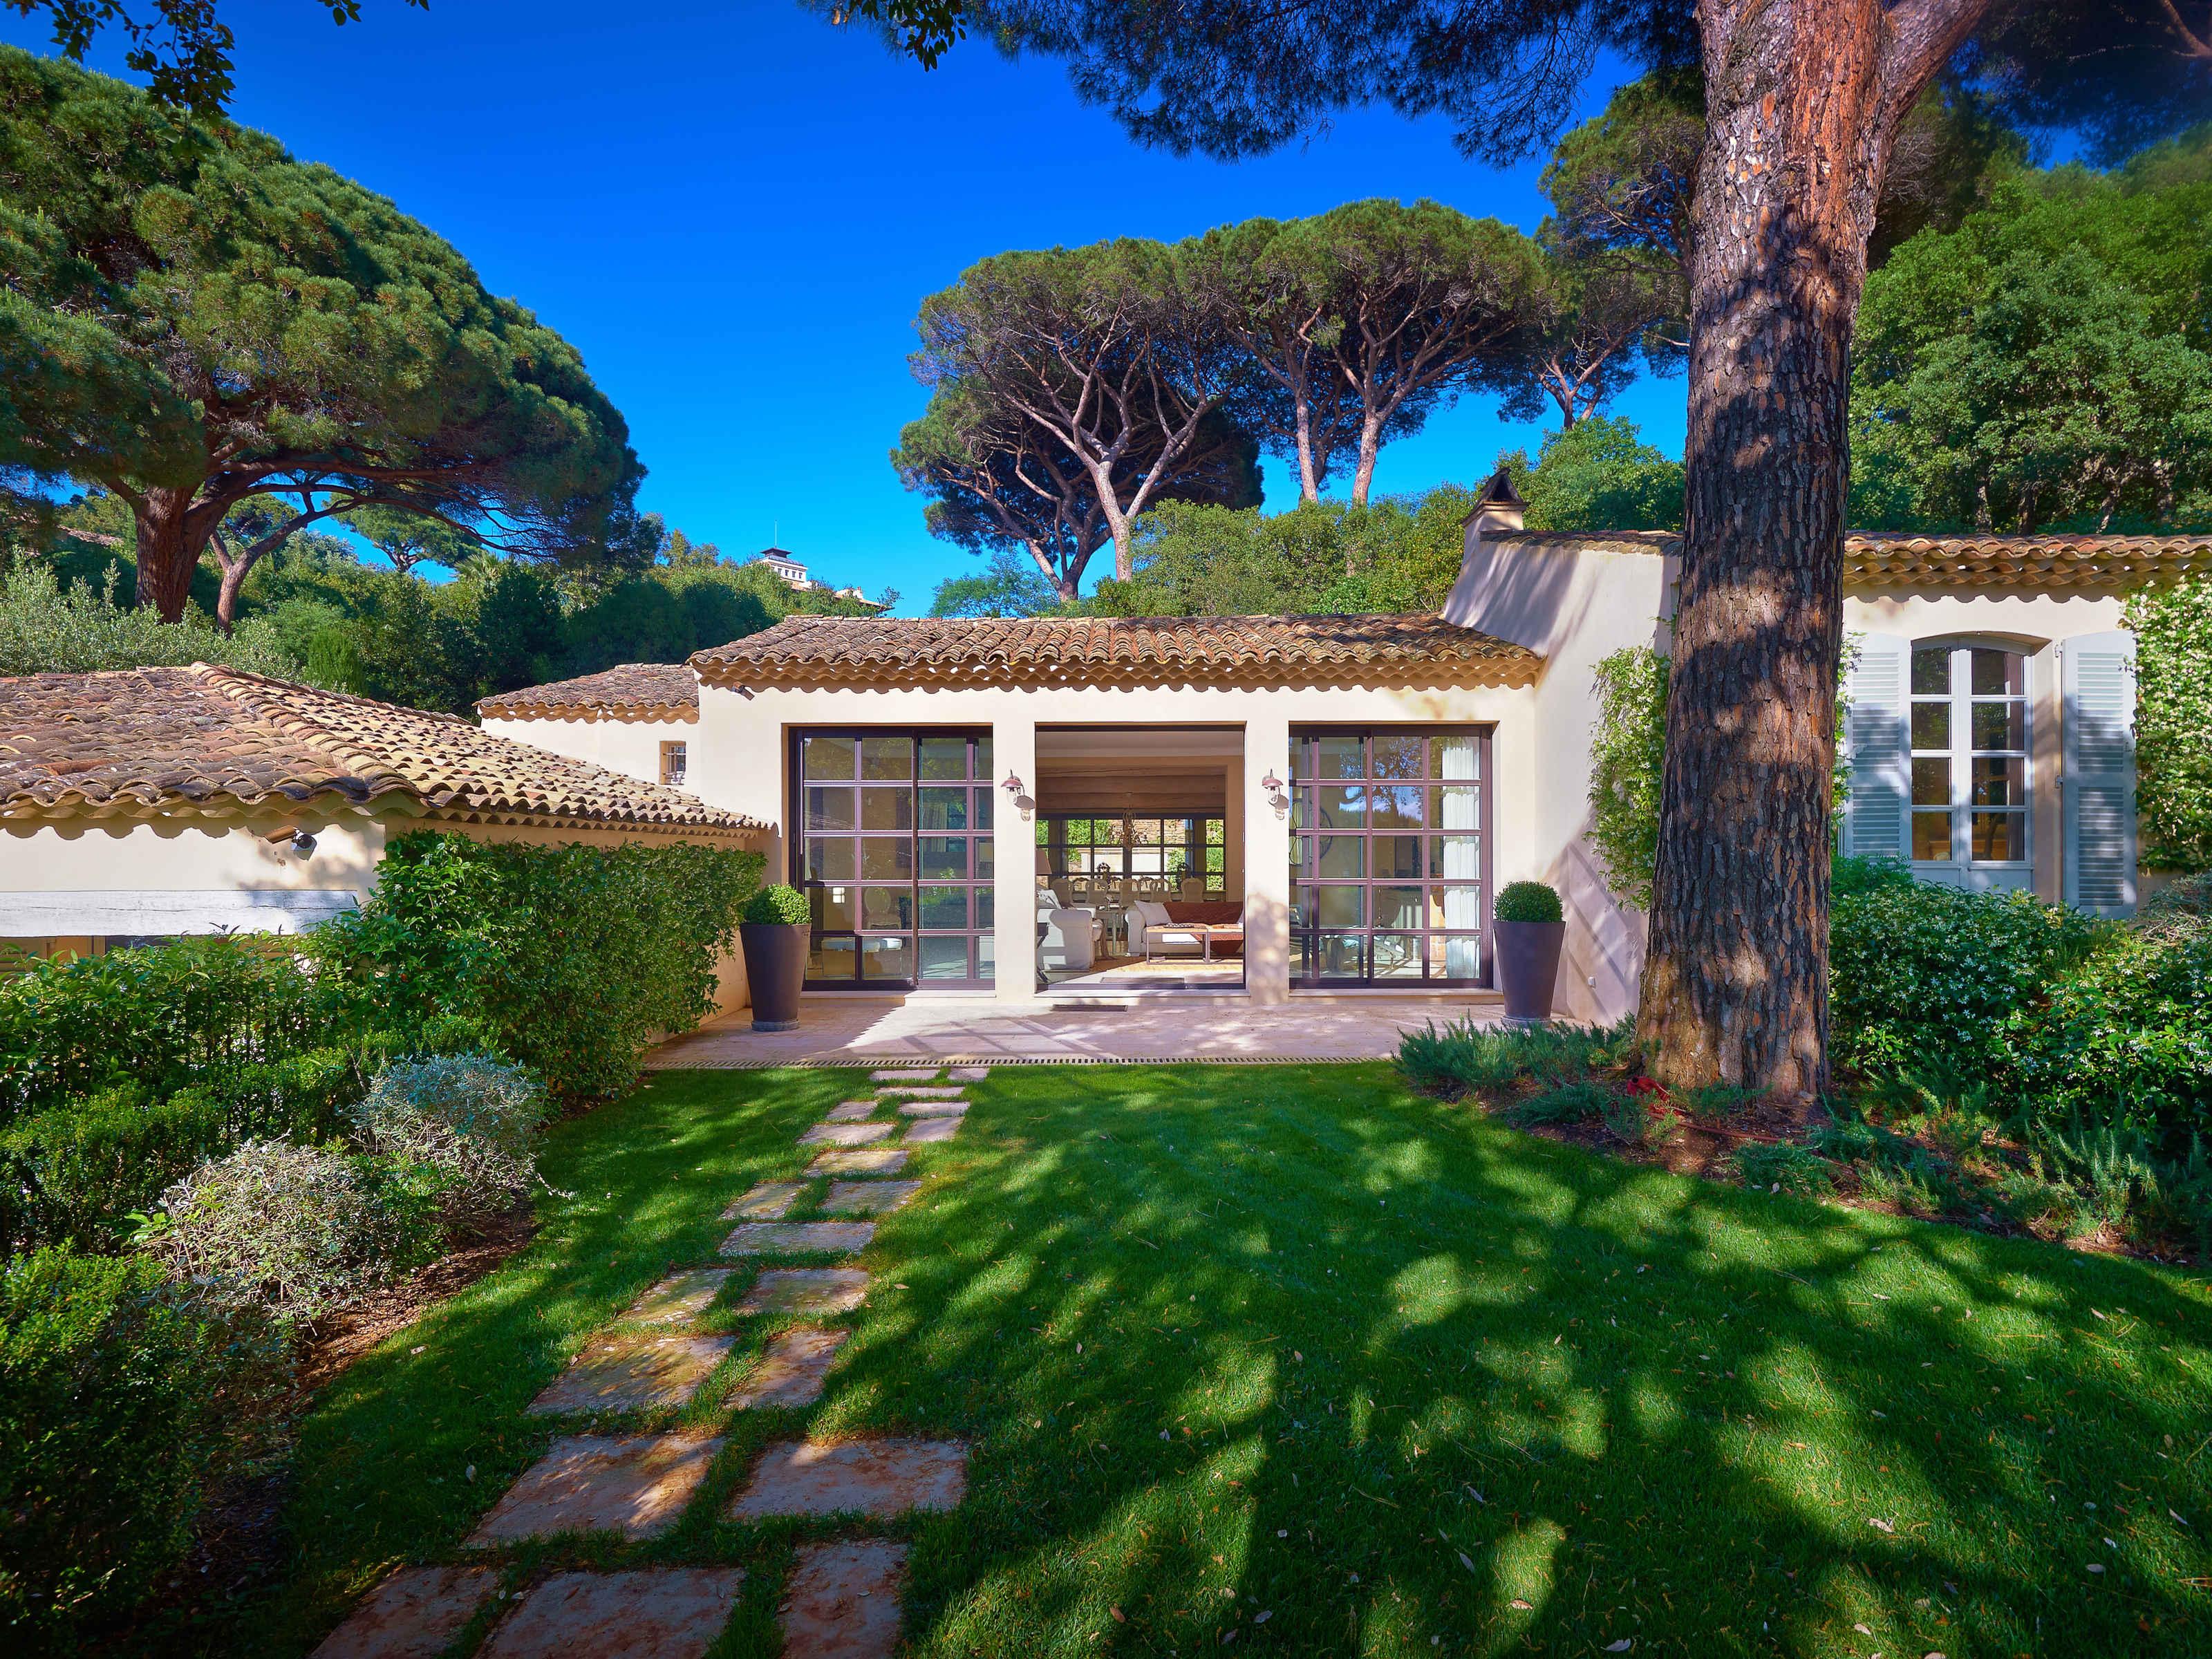 Single Family Home for Sale at Superb Property in the Parcs of Saint Tropez Saint Tropez, Provence-Alpes-Cote D'Azur 83990 France